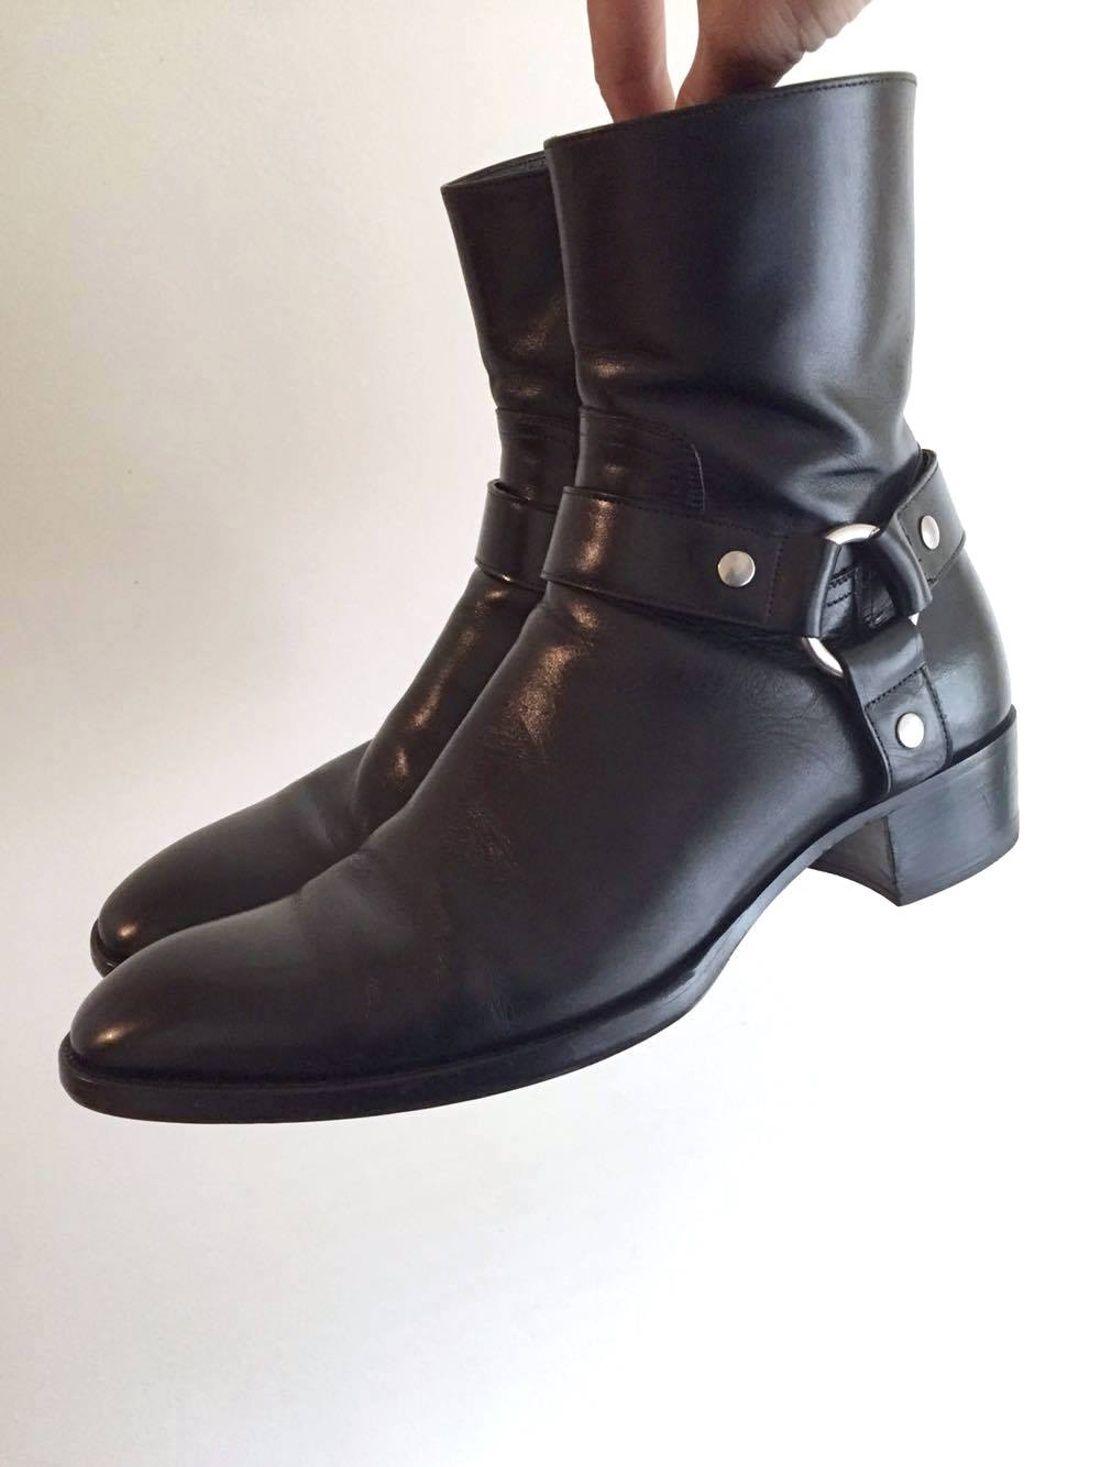 aea60b9b1c4 Saint Laurent Paris FW13 Wyatts | Boots in 2019 | Saint laurent ...